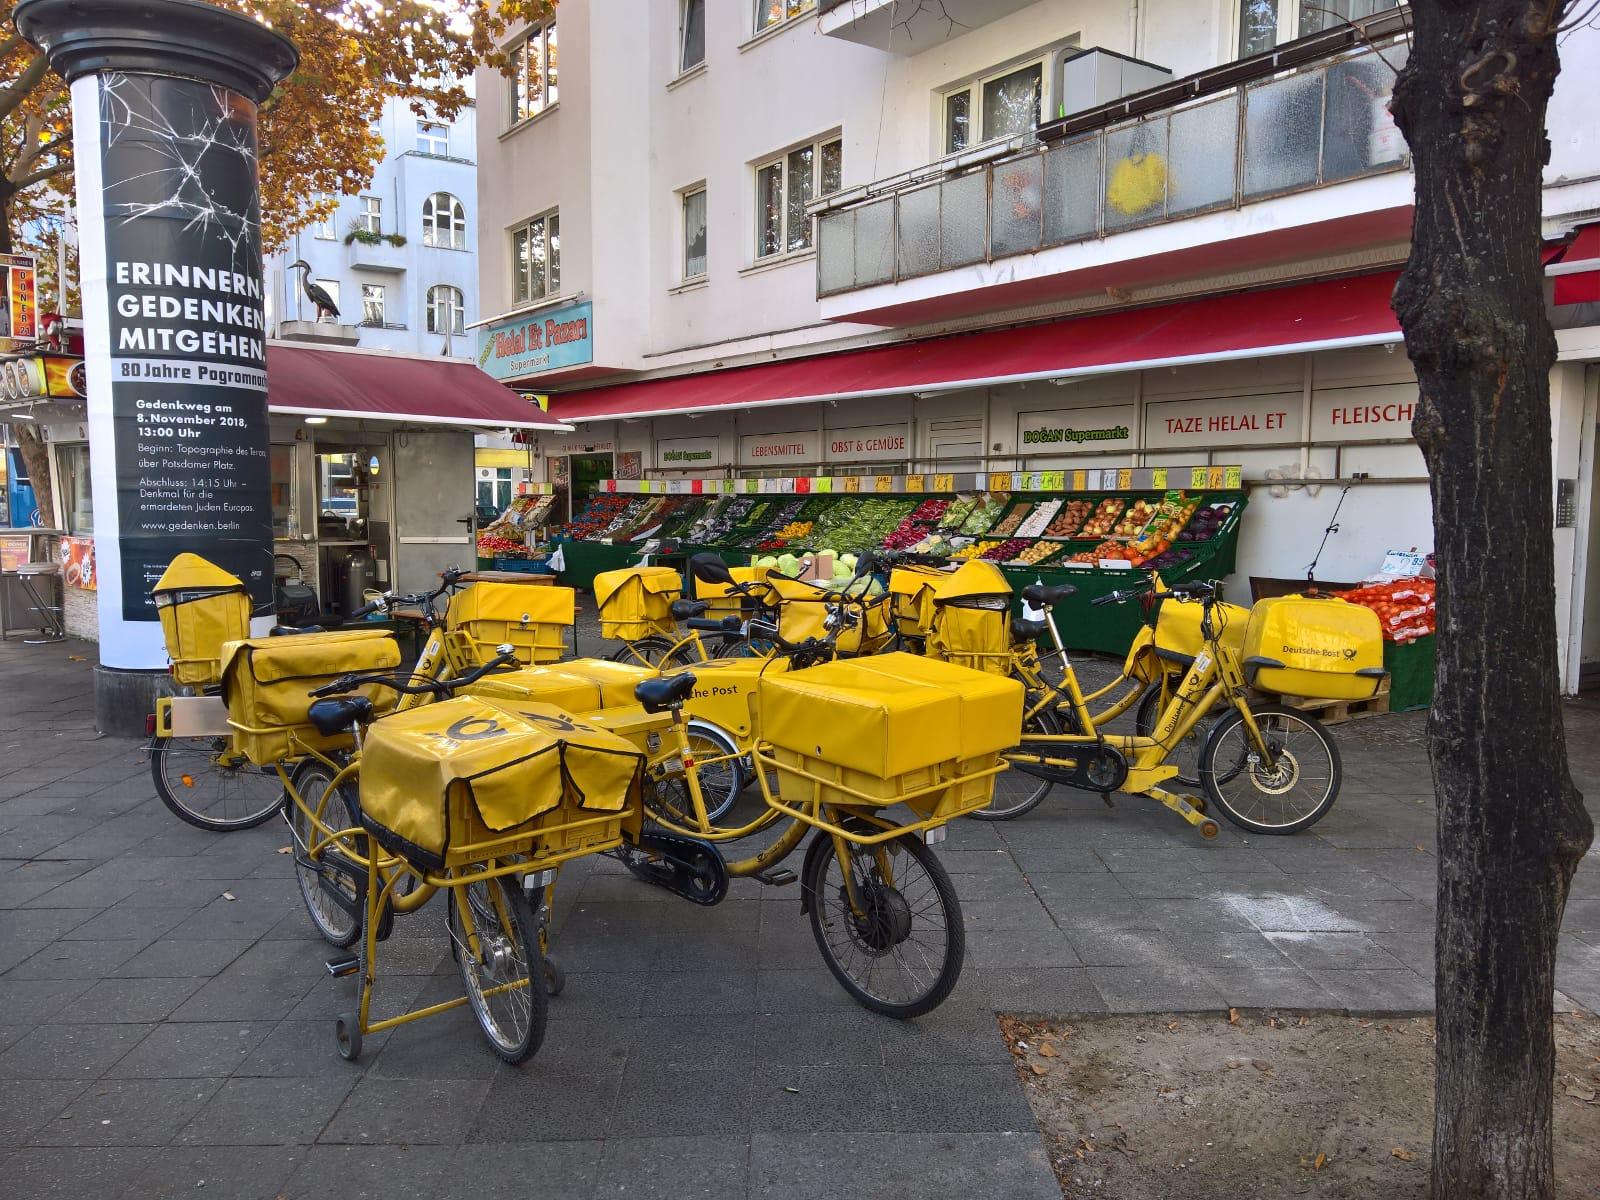 typisch berlin post fahrraeder viele warum berlin